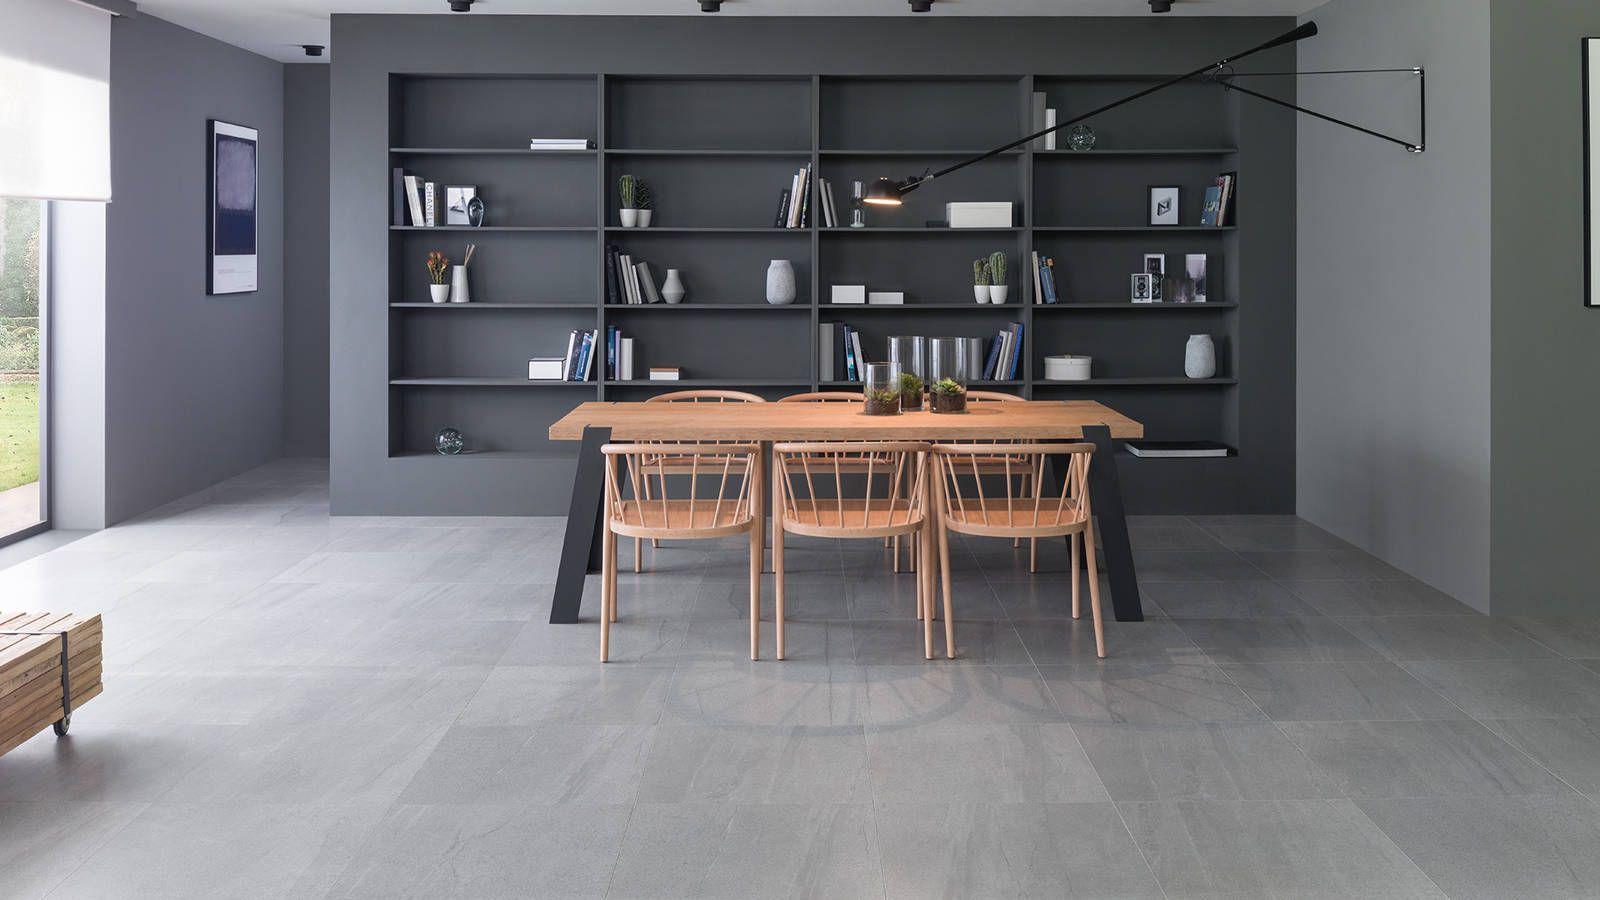 Porcelain Floor Tiles Krono Grey Nature 59 6x59 6 Cm Porcelain Floor Tiles Tile Floor Porcelain Tile